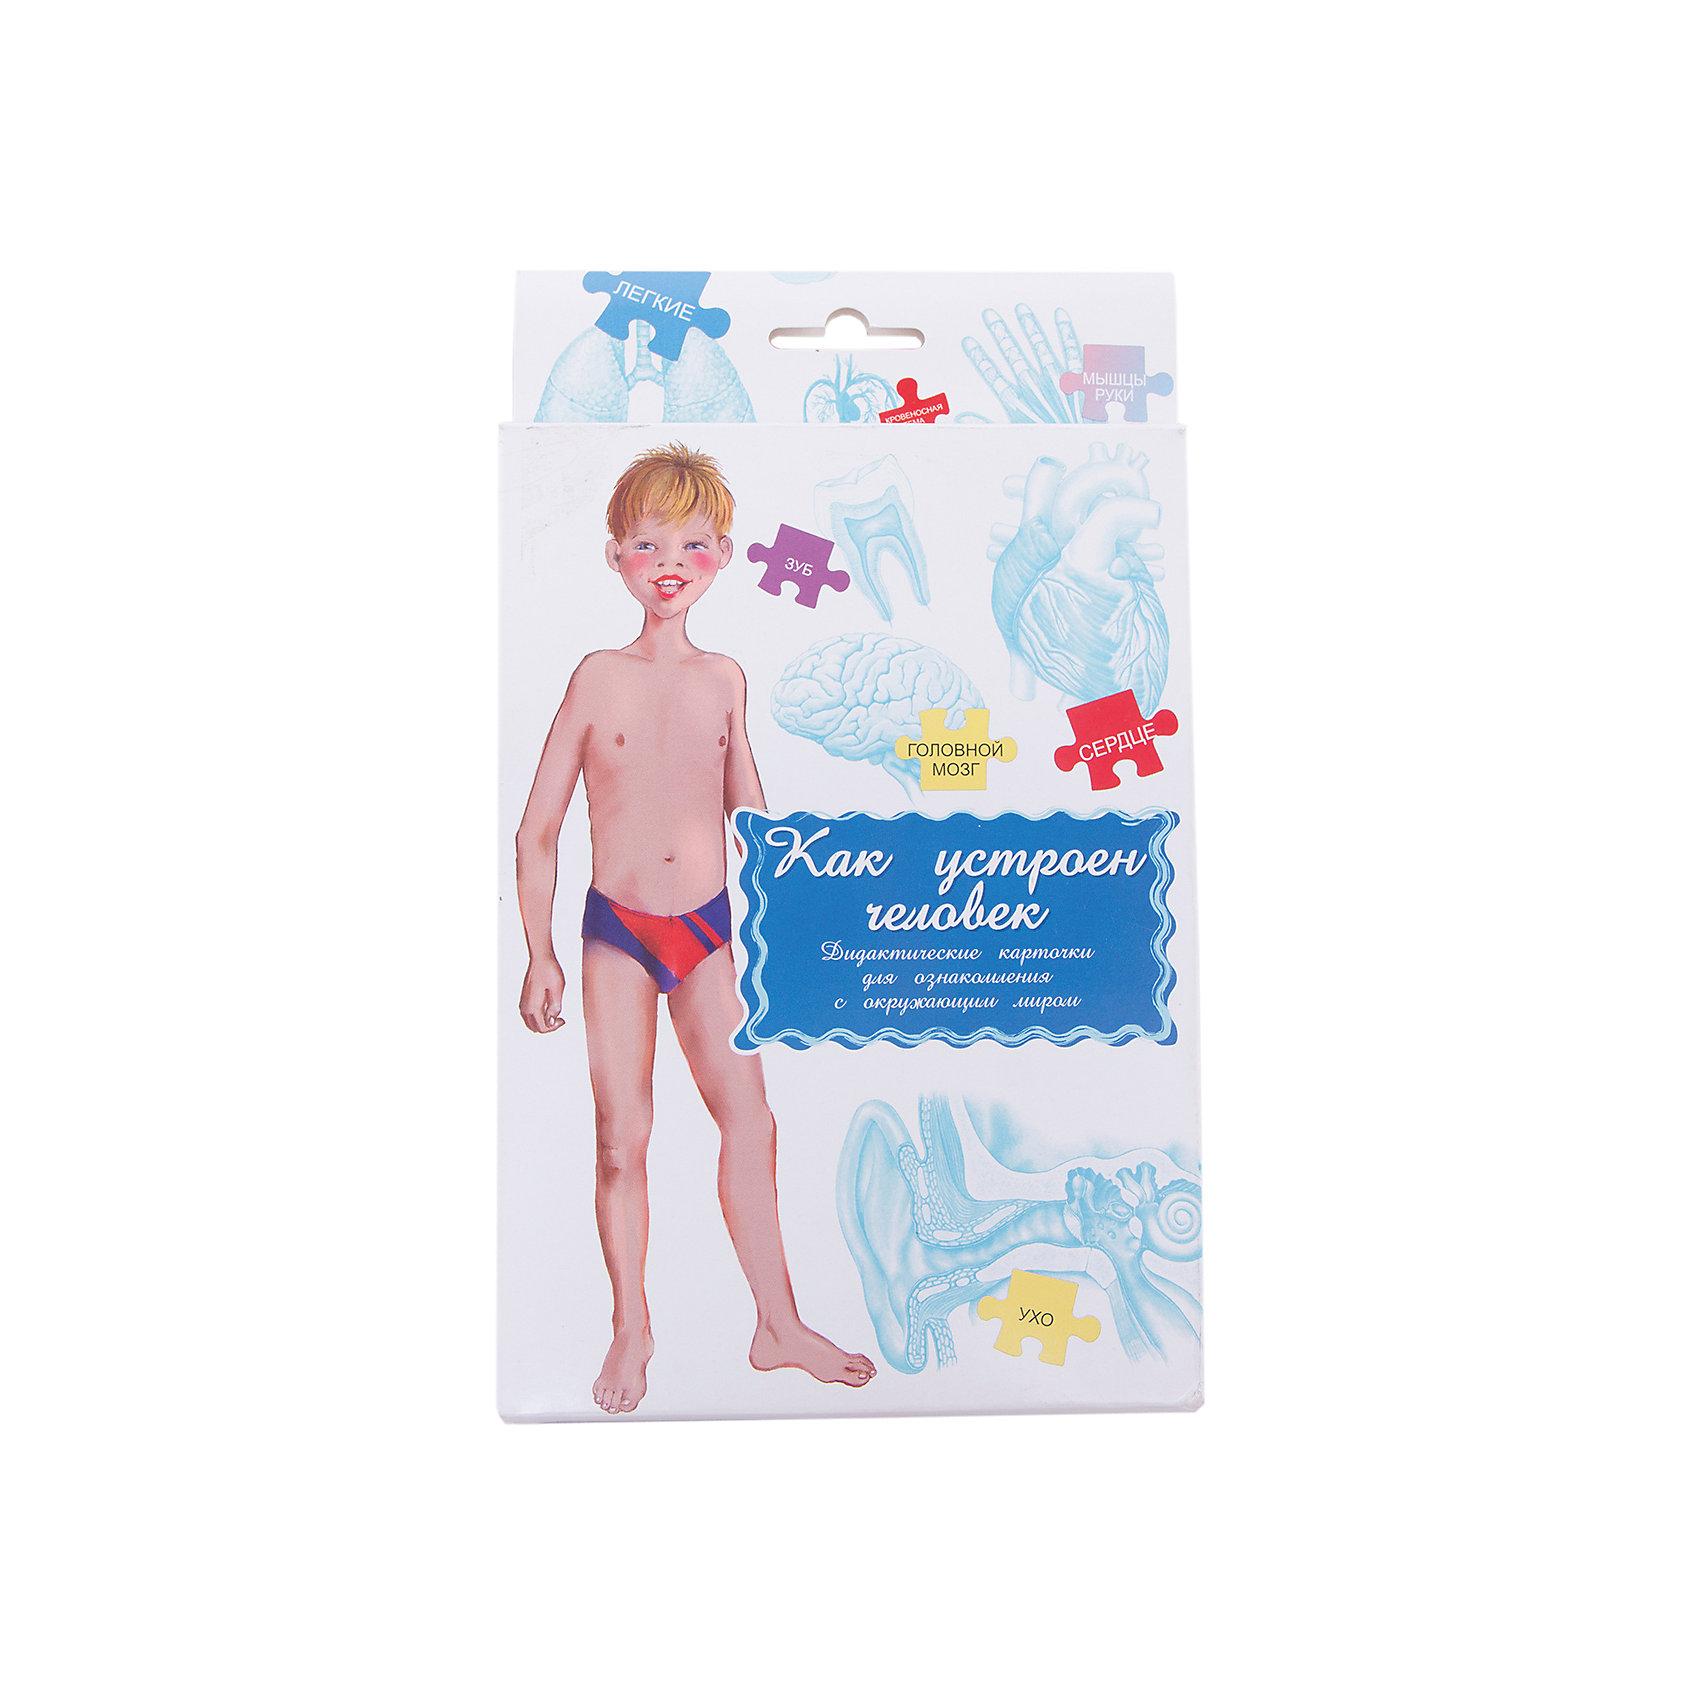 Дидактические карточки Как устроен человек, Маленький генийОбучающие карточки<br>Дидактические карточки Как устроен человек, Маленький гений.<br><br>Характеристики:<br><br>• Количество карточек: 16<br>• Размер карточек: 25х15 см.<br>• Материал: картон<br>• Упаковка: картонный блистер с европодвесом<br>• Размер упаковки: 25,2х15,1х1 см.<br><br>Дидактические карточки с крупными яркими картинками познакомят малыша с внешним и внутренним строением человеческого тела. На карточках изображены: внешнее строение, внутреннее строение, мышечная система, кровеносная система, дыхательная система, выделительная система, пищеварительная система, нервная система, сердце, мозг, язык, мышцы кисти, желудок, скелет, череп и зуб. Всего в набор входит 16 карточек. <br><br>На одной стороне каждой карточки изображен орган или система органов, а на обратной стороне дано их описание: строение, функции, интересные факты, правила, которые надо соблюдать, чтобы сохранить их здоровыми. Совсем маленькому ребенку можно показать карточку с внешним строением человека и искать вместе с ним у самого ребенка разные части тела. <br><br>Старшим детям читайте описания на обороте. Попробуйте составить описание органа или системы, не называя его, а ребенок пусть угадывает, о чем идет речь. Если ребенок учится читать, можно отрезать названия и, перемешав, предложить ребенку подобрать картинки к названиям. <br><br>С карточками можно организовать и множество игр на развитие внимания, логического мышления и памяти. Игра «Четвертый лишний»: из четырех карточек, одна из которых отличается от трех других, ребенок должен выбрать лишнюю и объяснить свой выбор. Выложите несколько карточек, затем поменяйте что-нибудь. Ребенок должен определить, что изменилось.<br><br>Разглядывая карточки, играя с ними, ваш малыш не только обогатит свой багаж знаний об окружающем мире, но и научится составлять предложения, беседовать по картинкам, классифицировать и систематизировать предметы. Карточки рекомендуются родителям, воспита